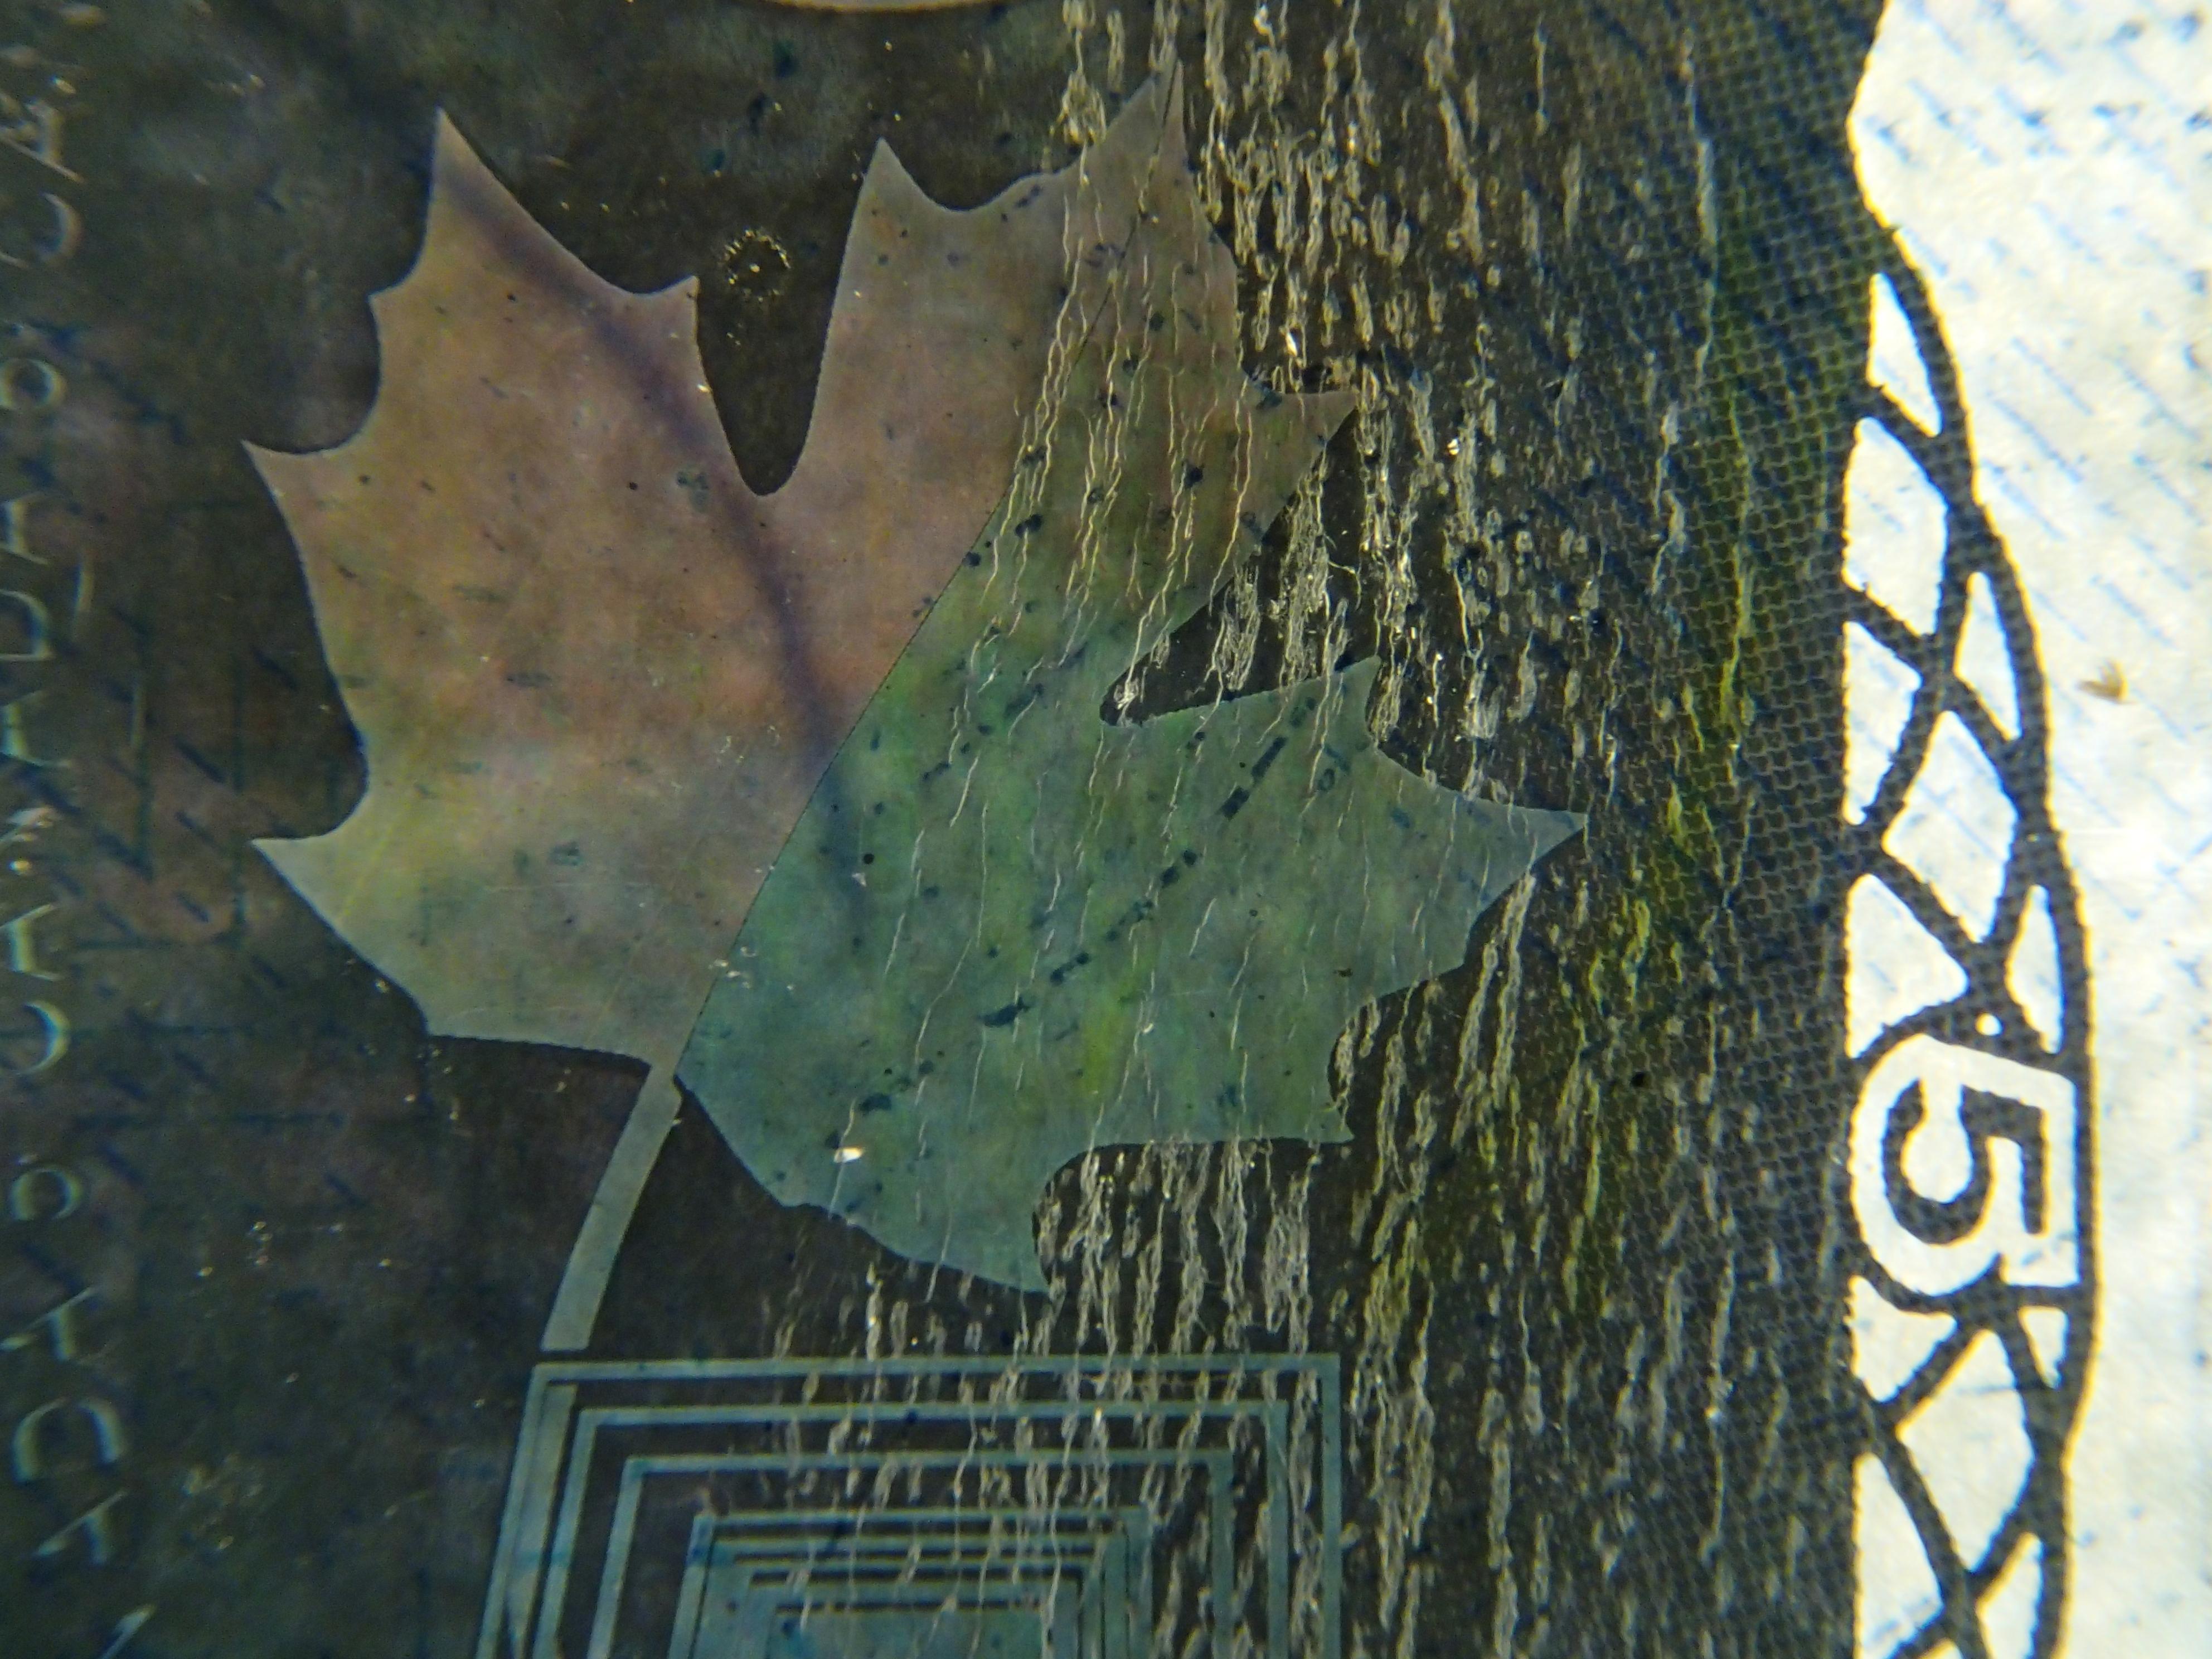 カナダのお札は美しいホログラムが刷り込まれているのが特徴。表面右側の帯だが、メイプルの葉っぱと「5」の字が確認できる。